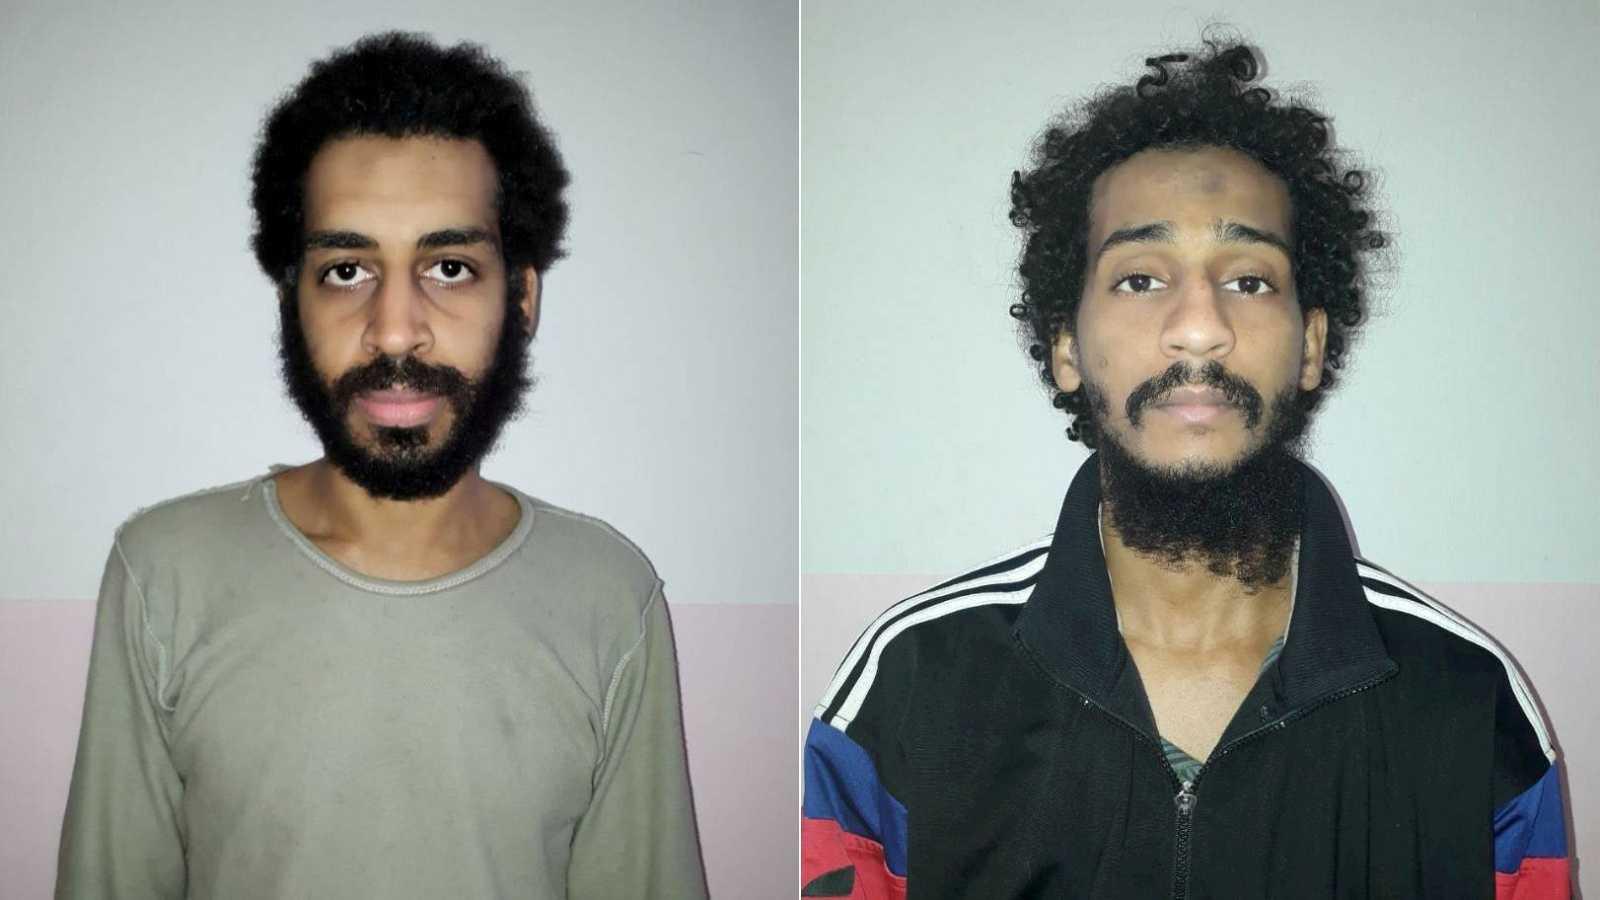 Fotografía de archivo de Alexanda Kotey y Shafee Elsheikh, terroristas del Dáesh